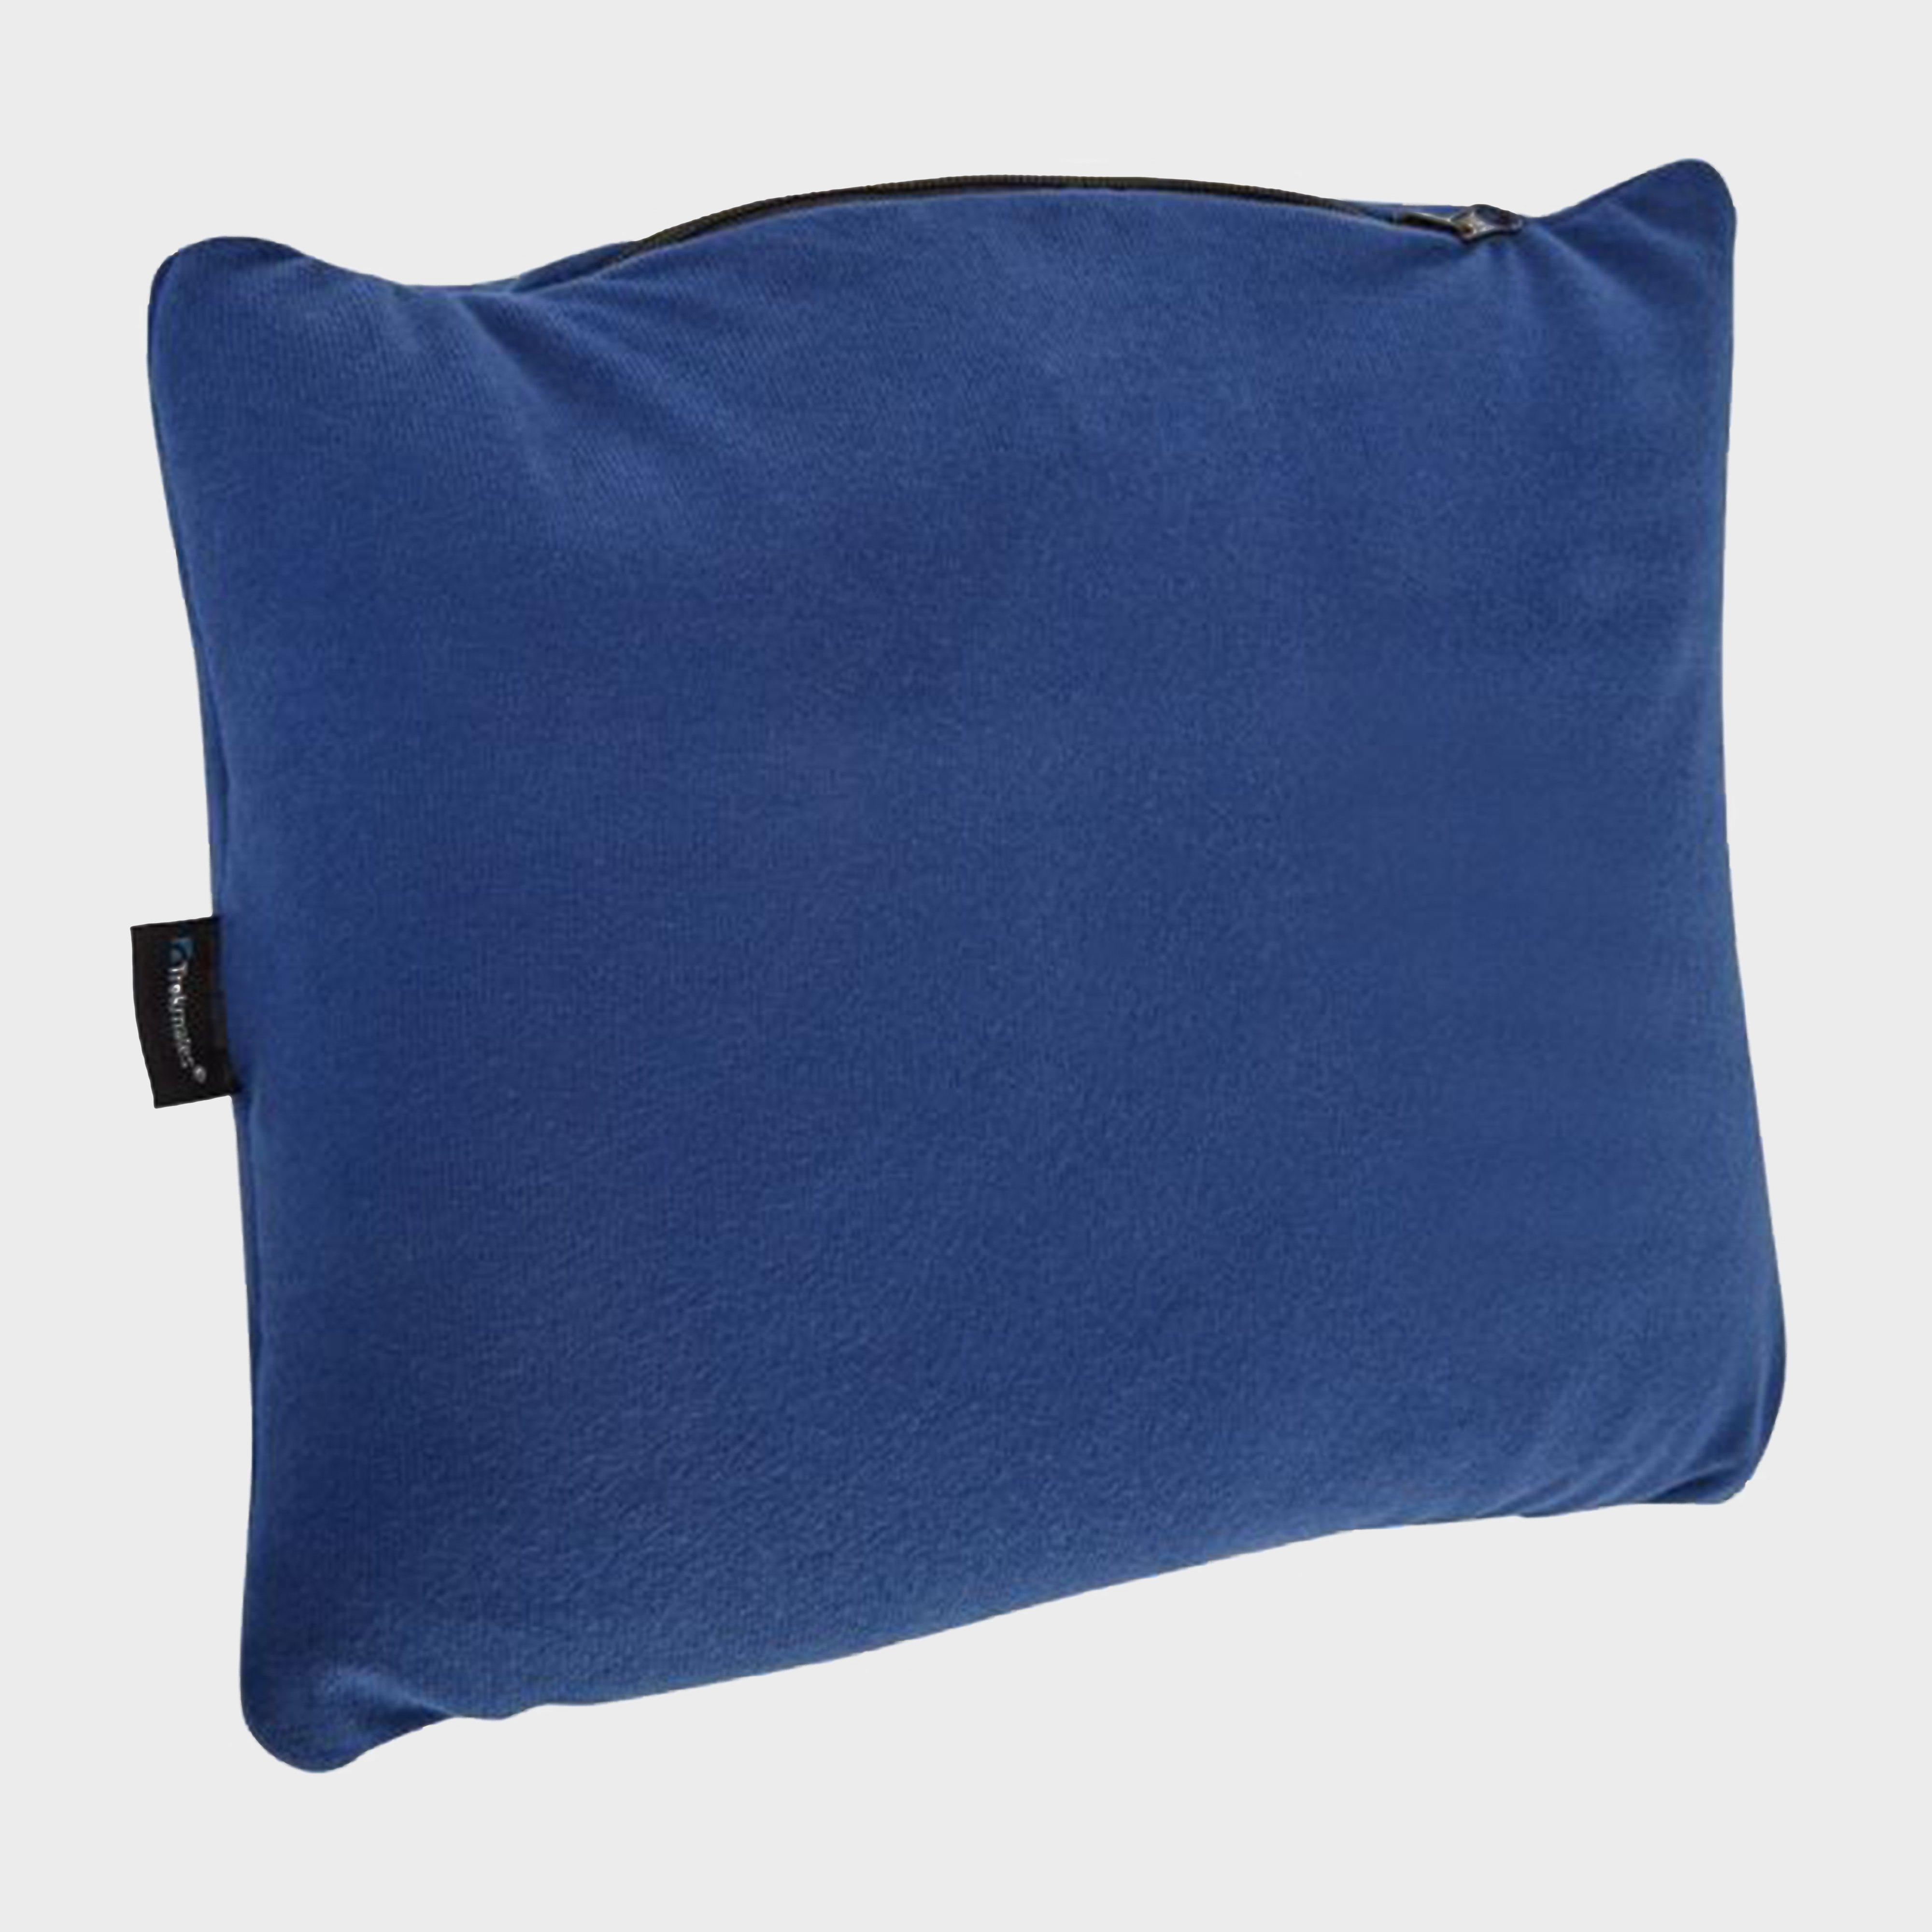 Trekmates Trekmates 2-in-1 Deluxe Pillow